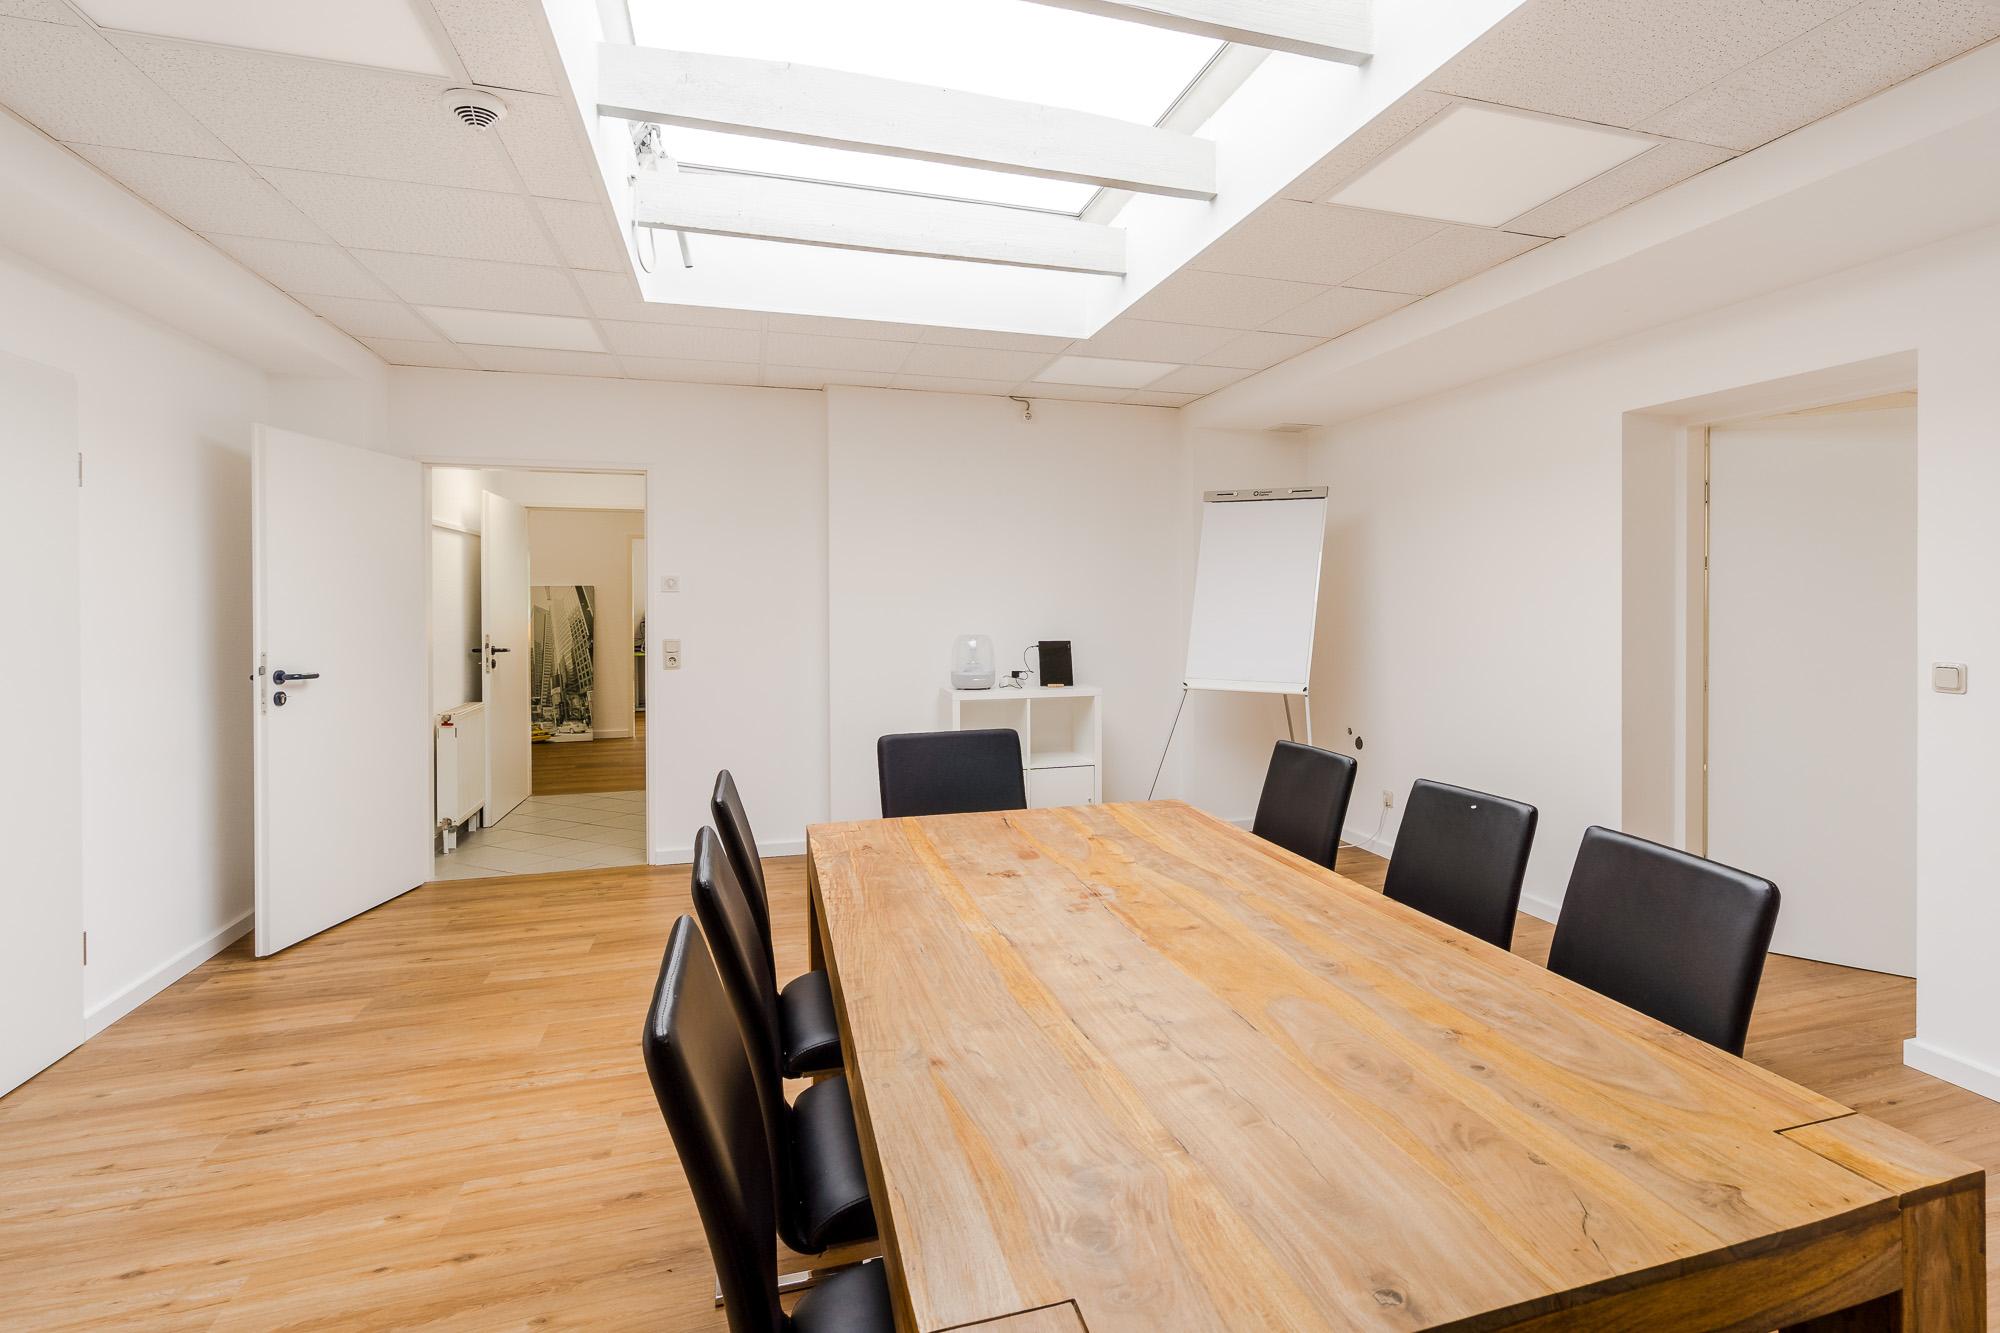 Bürogemeinschaft Nebenan - Konferenzraum mieten